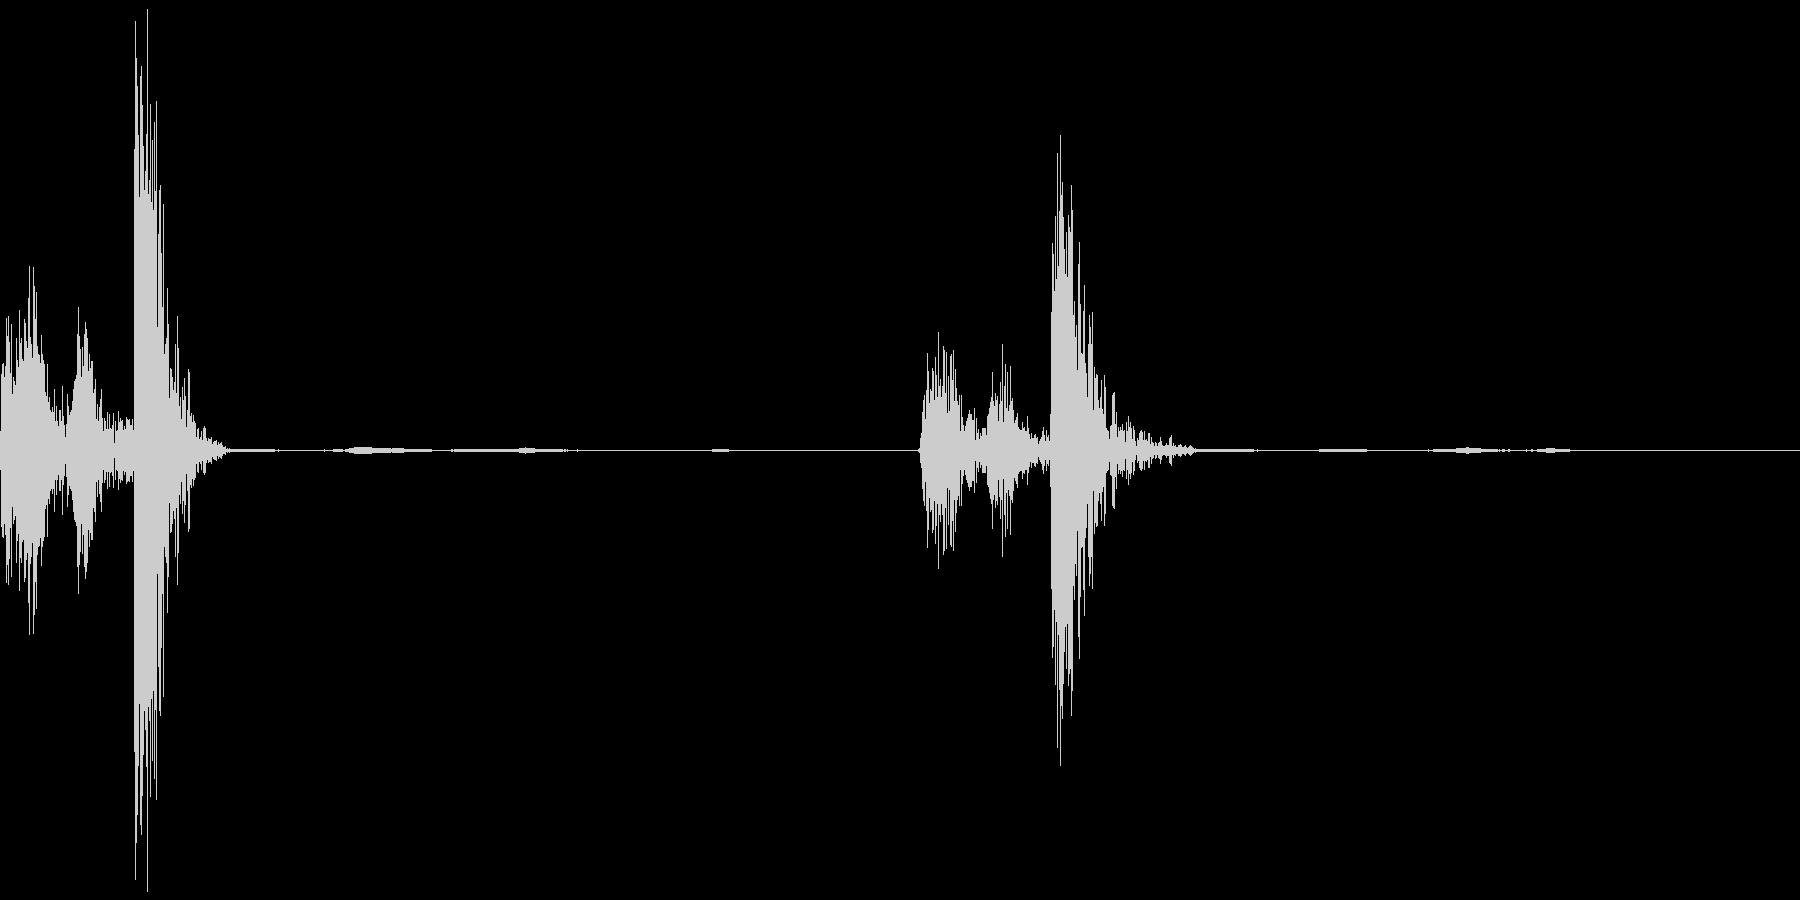 時計、タイマー、ストップウォッチ_B_3の未再生の波形